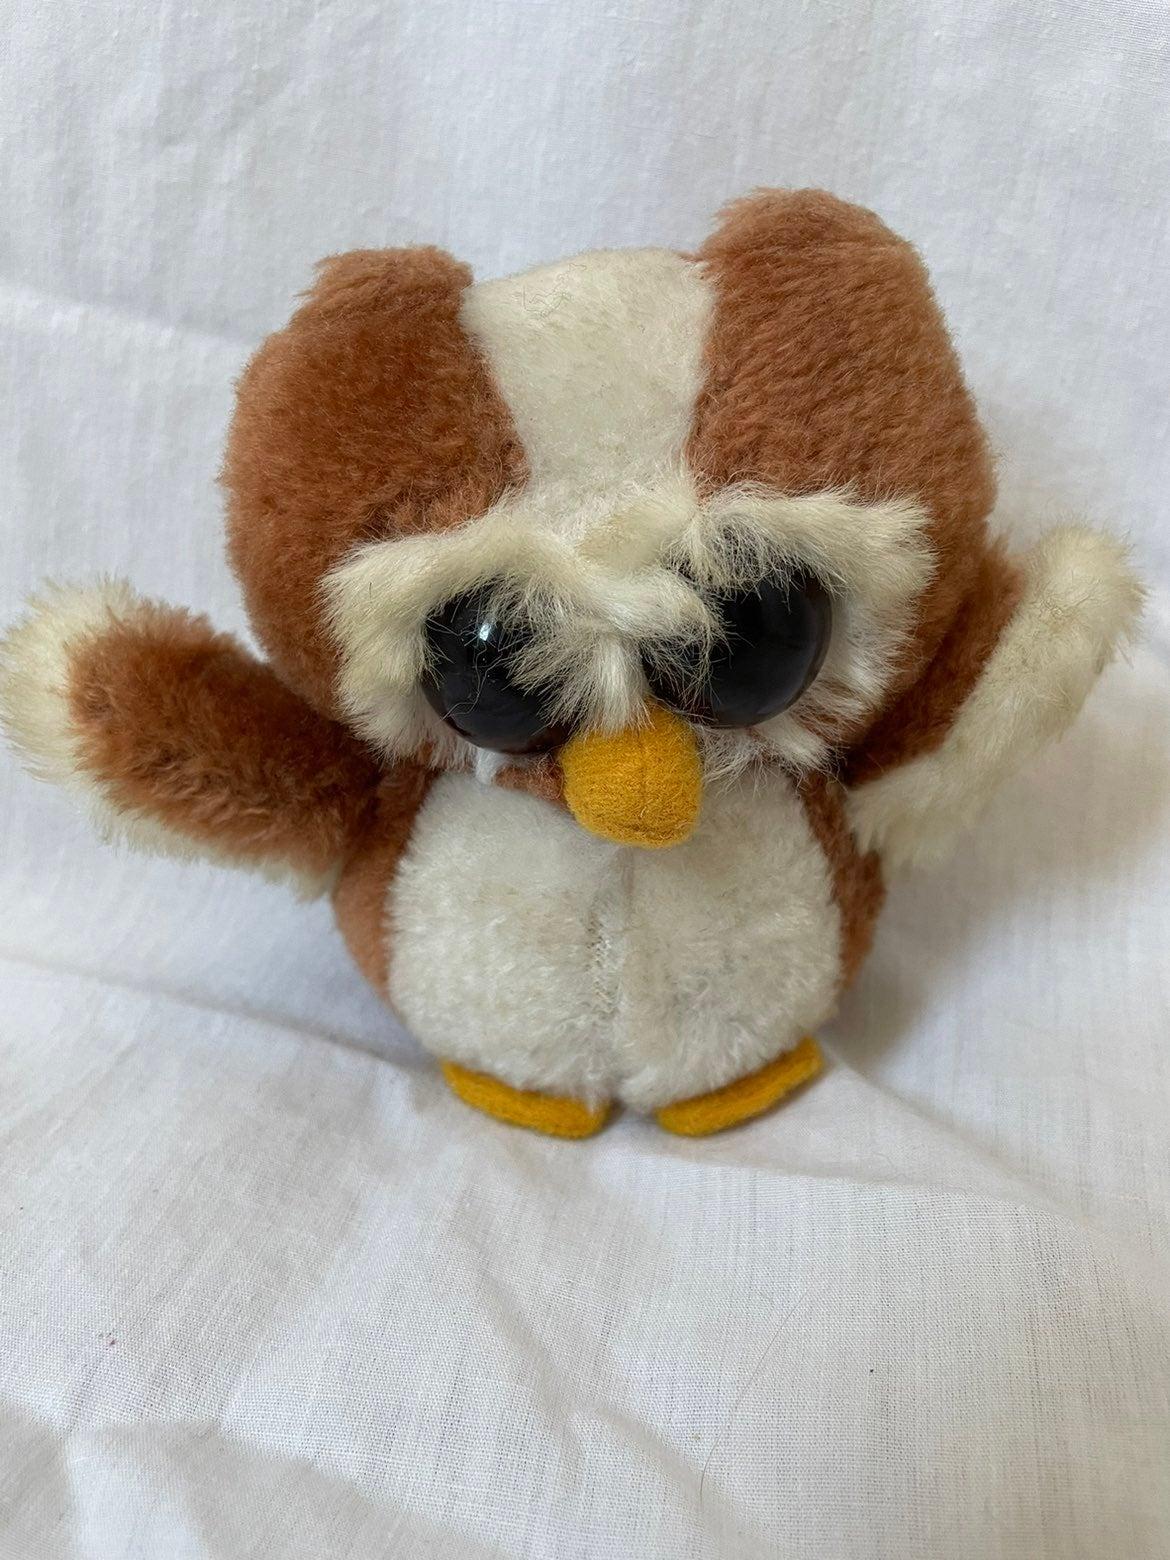 Vintage Russ Peepers owl plush